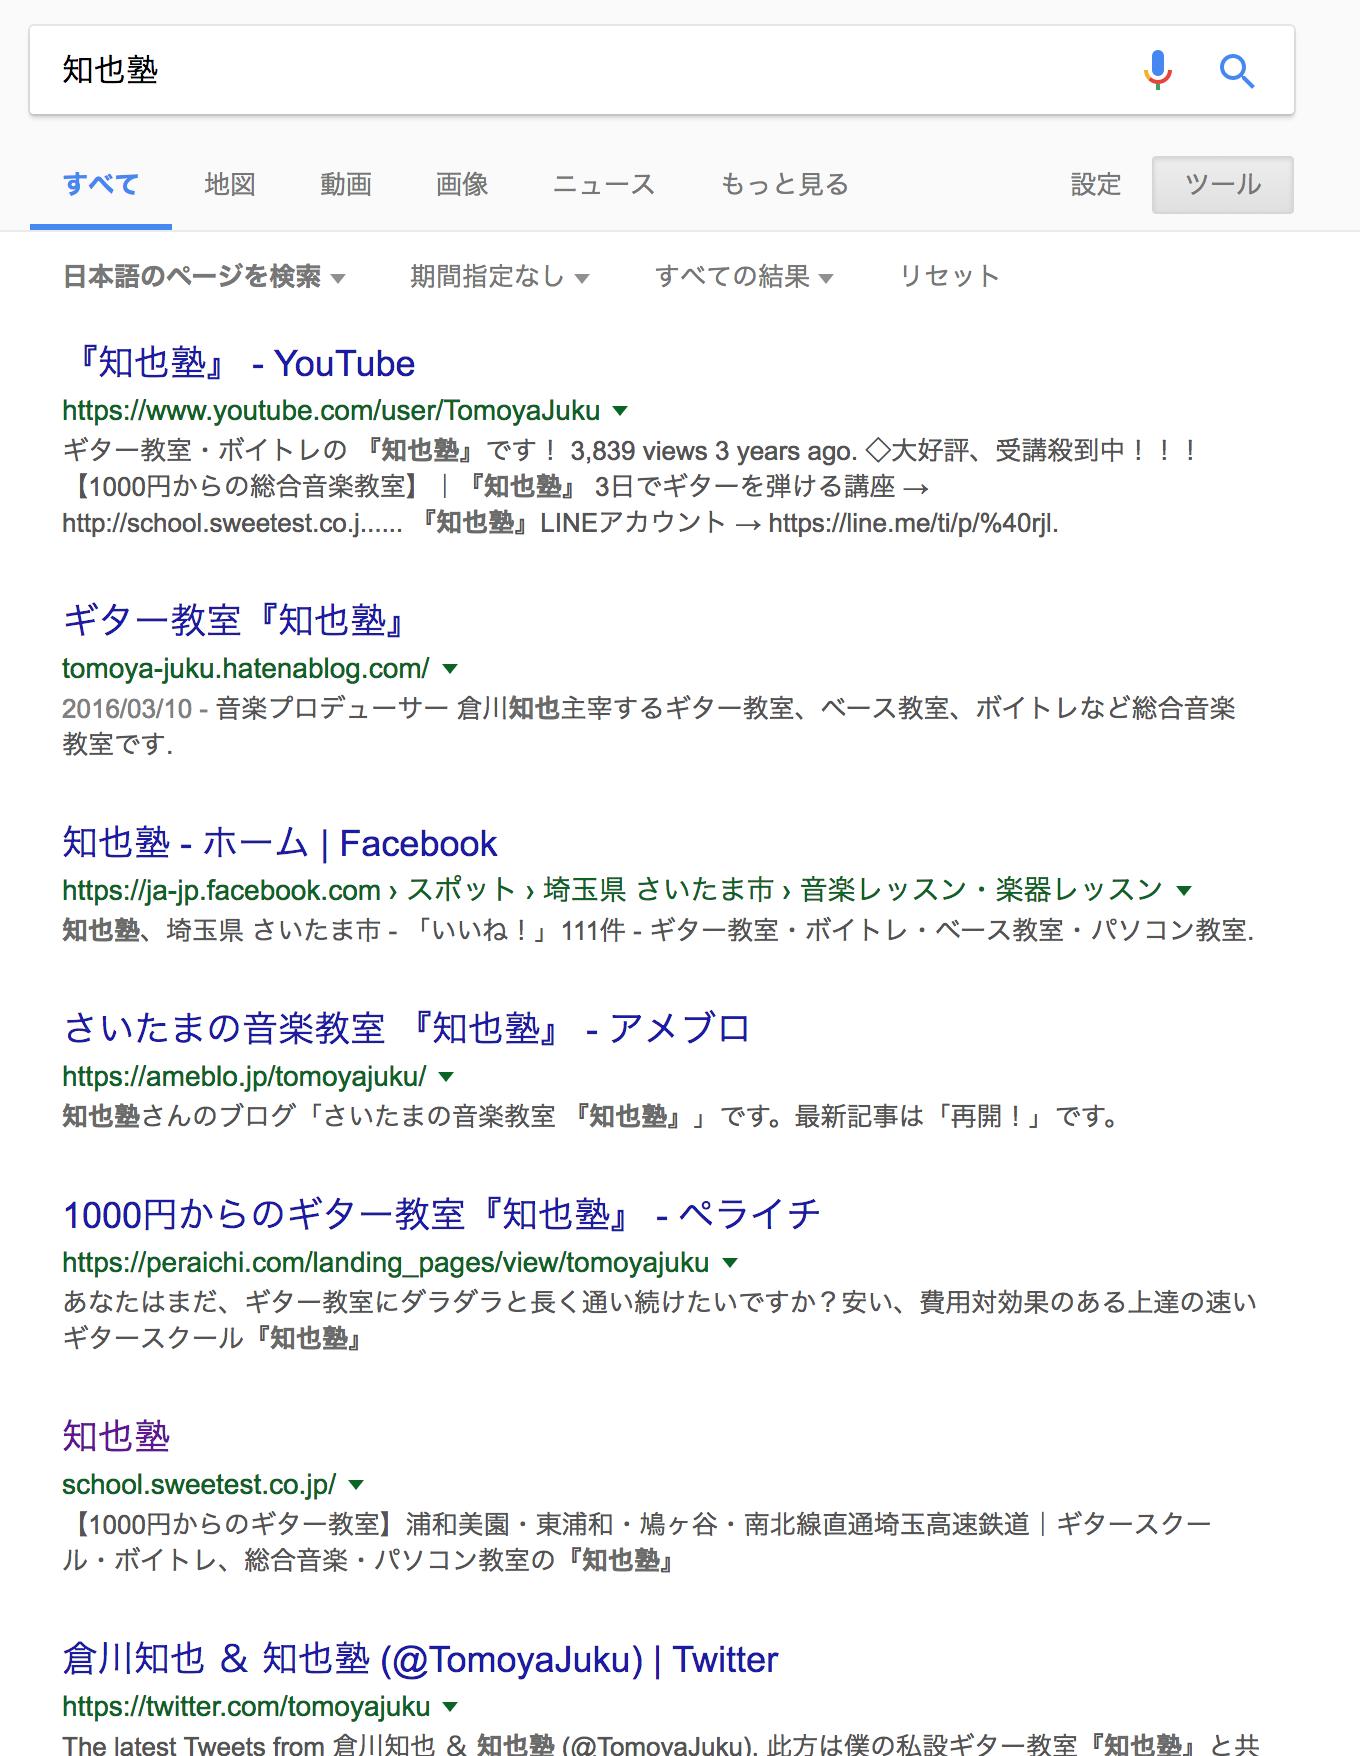 『知也塾』グーグル検索画面